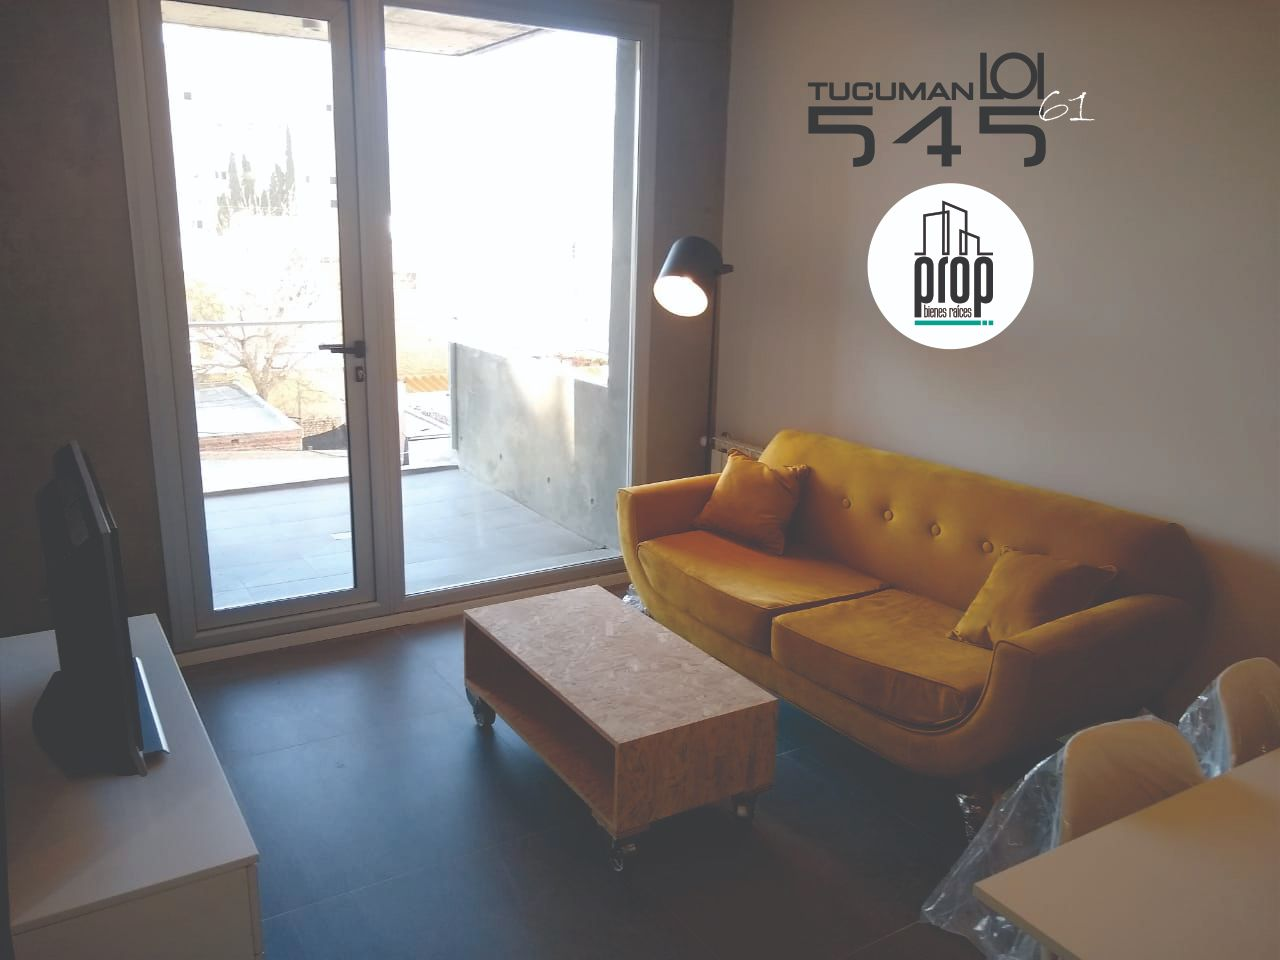 Departamento 1 dormitorio a estrenar   LOI 61 – Tucumán 545